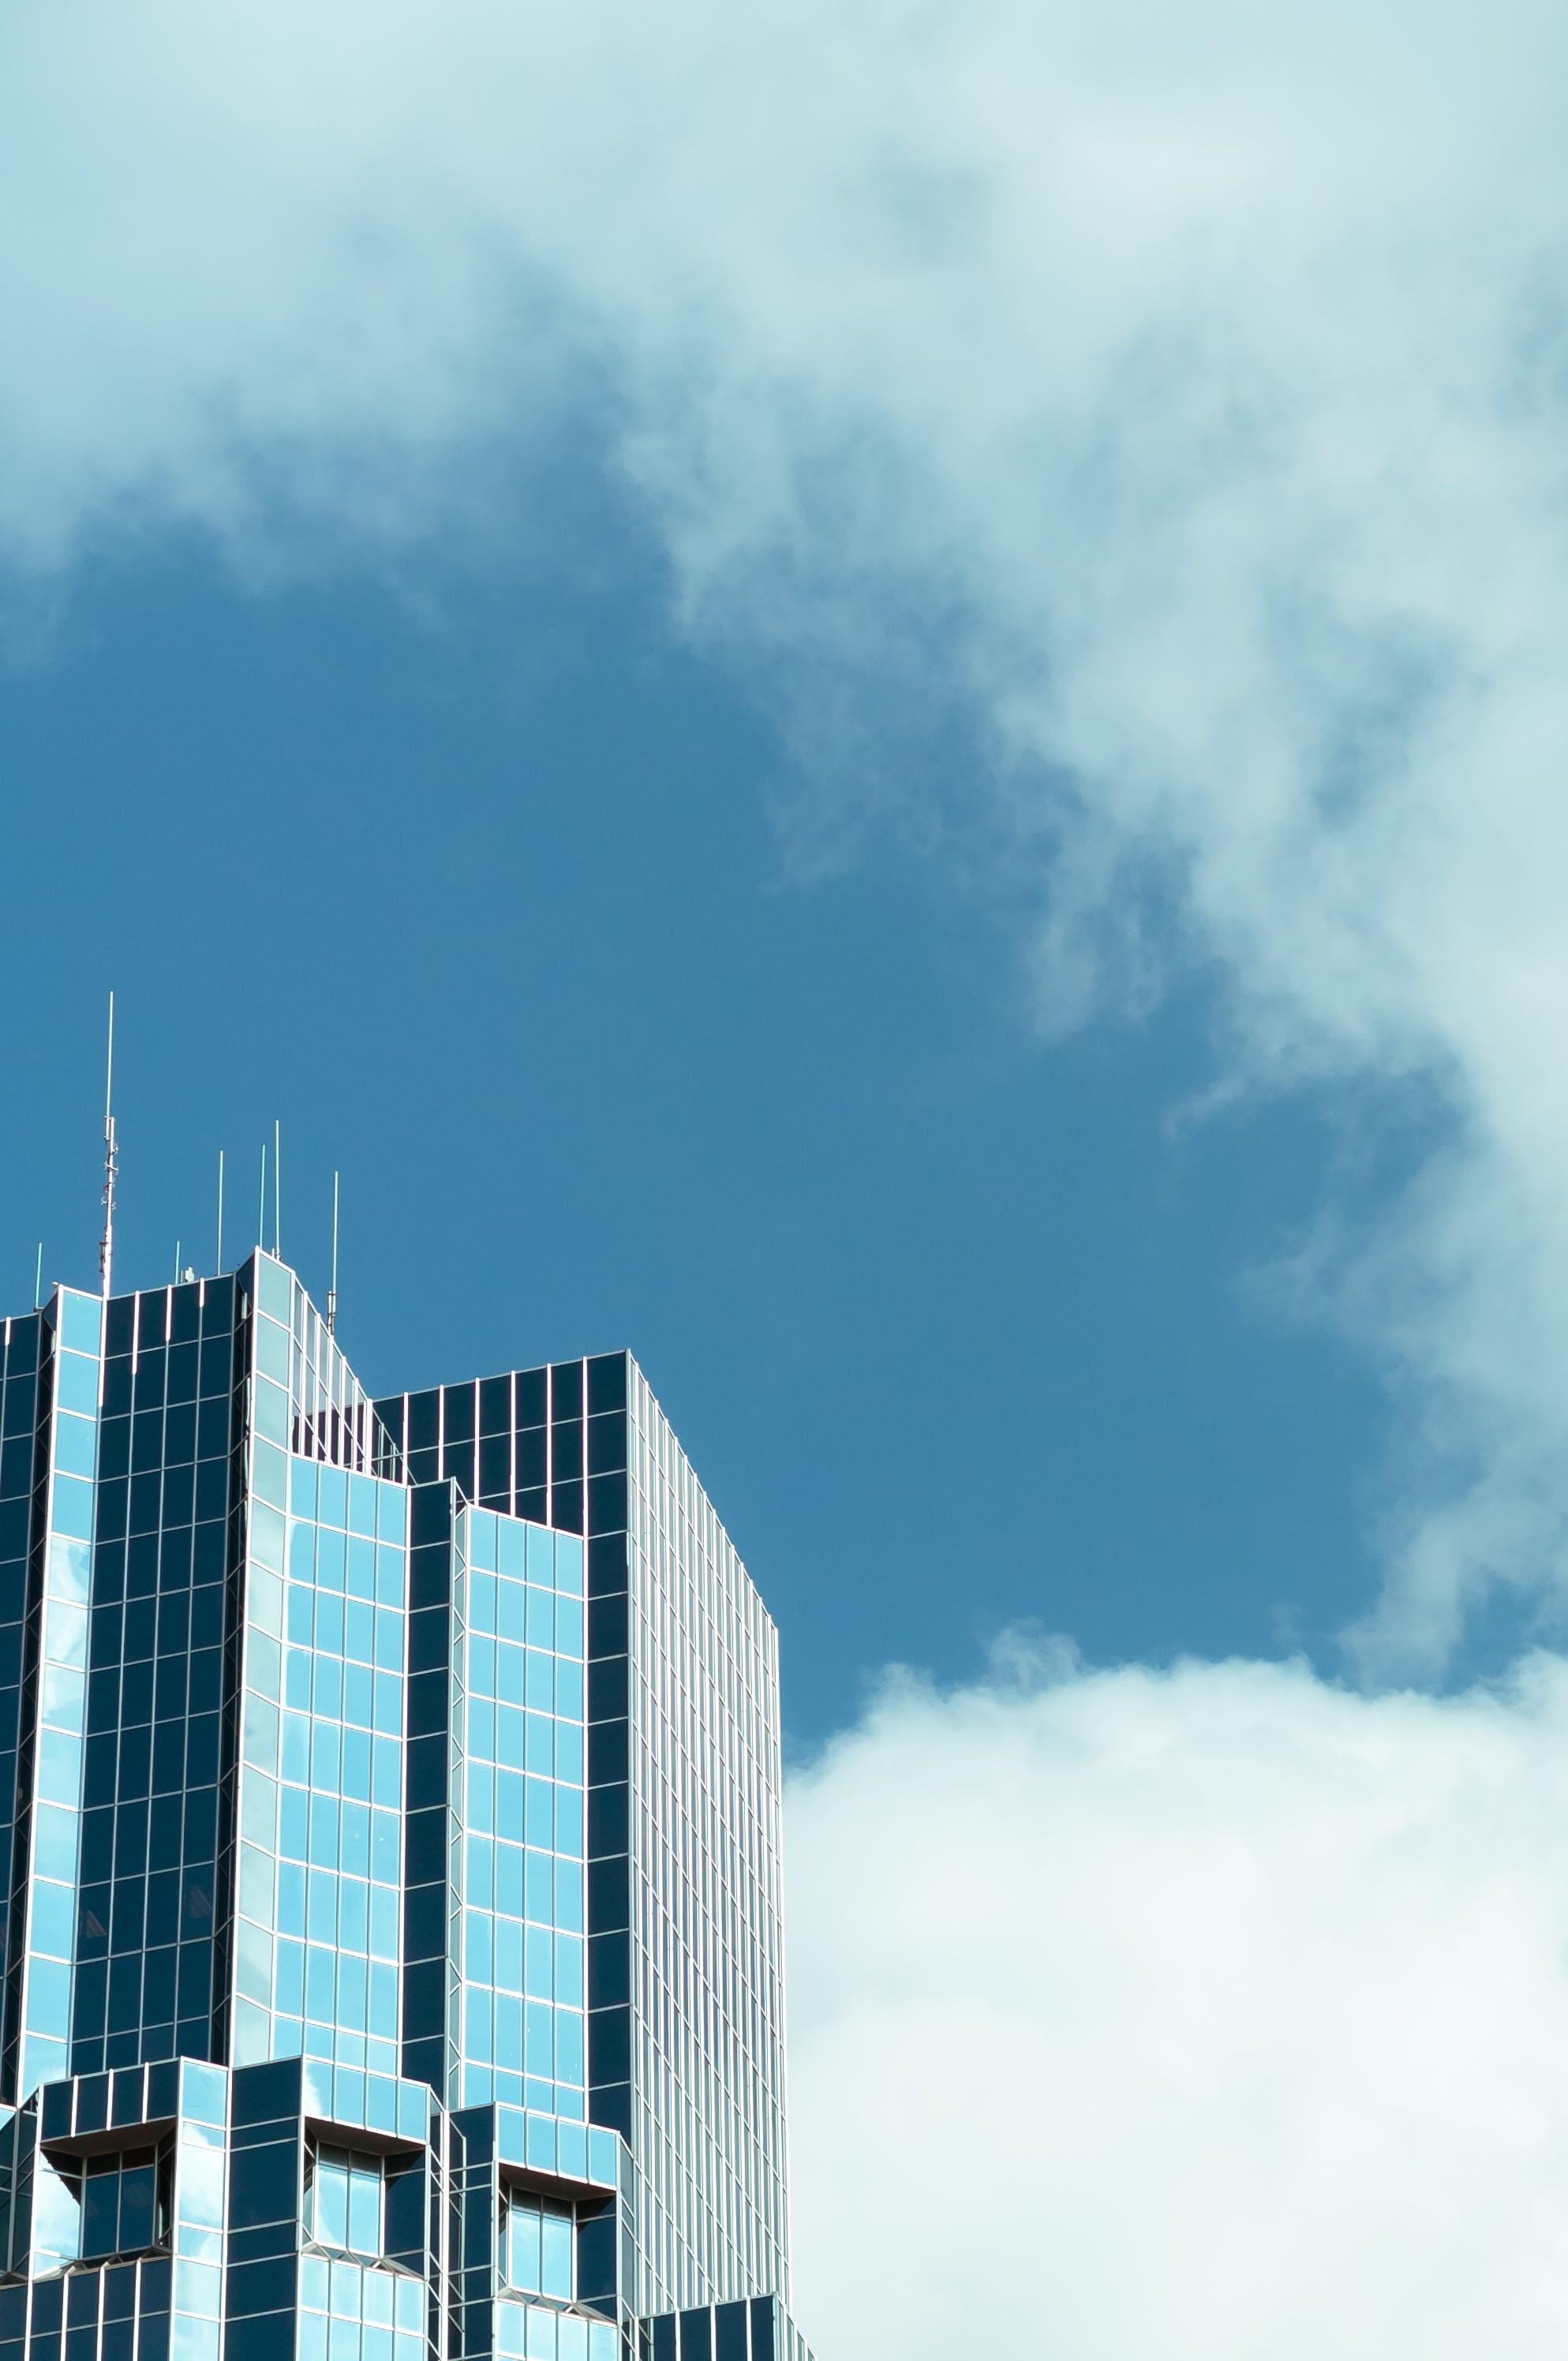 Kostenloses Stock Foto zu architektur, aufnahme von unten, blauer himmel, glasartikel